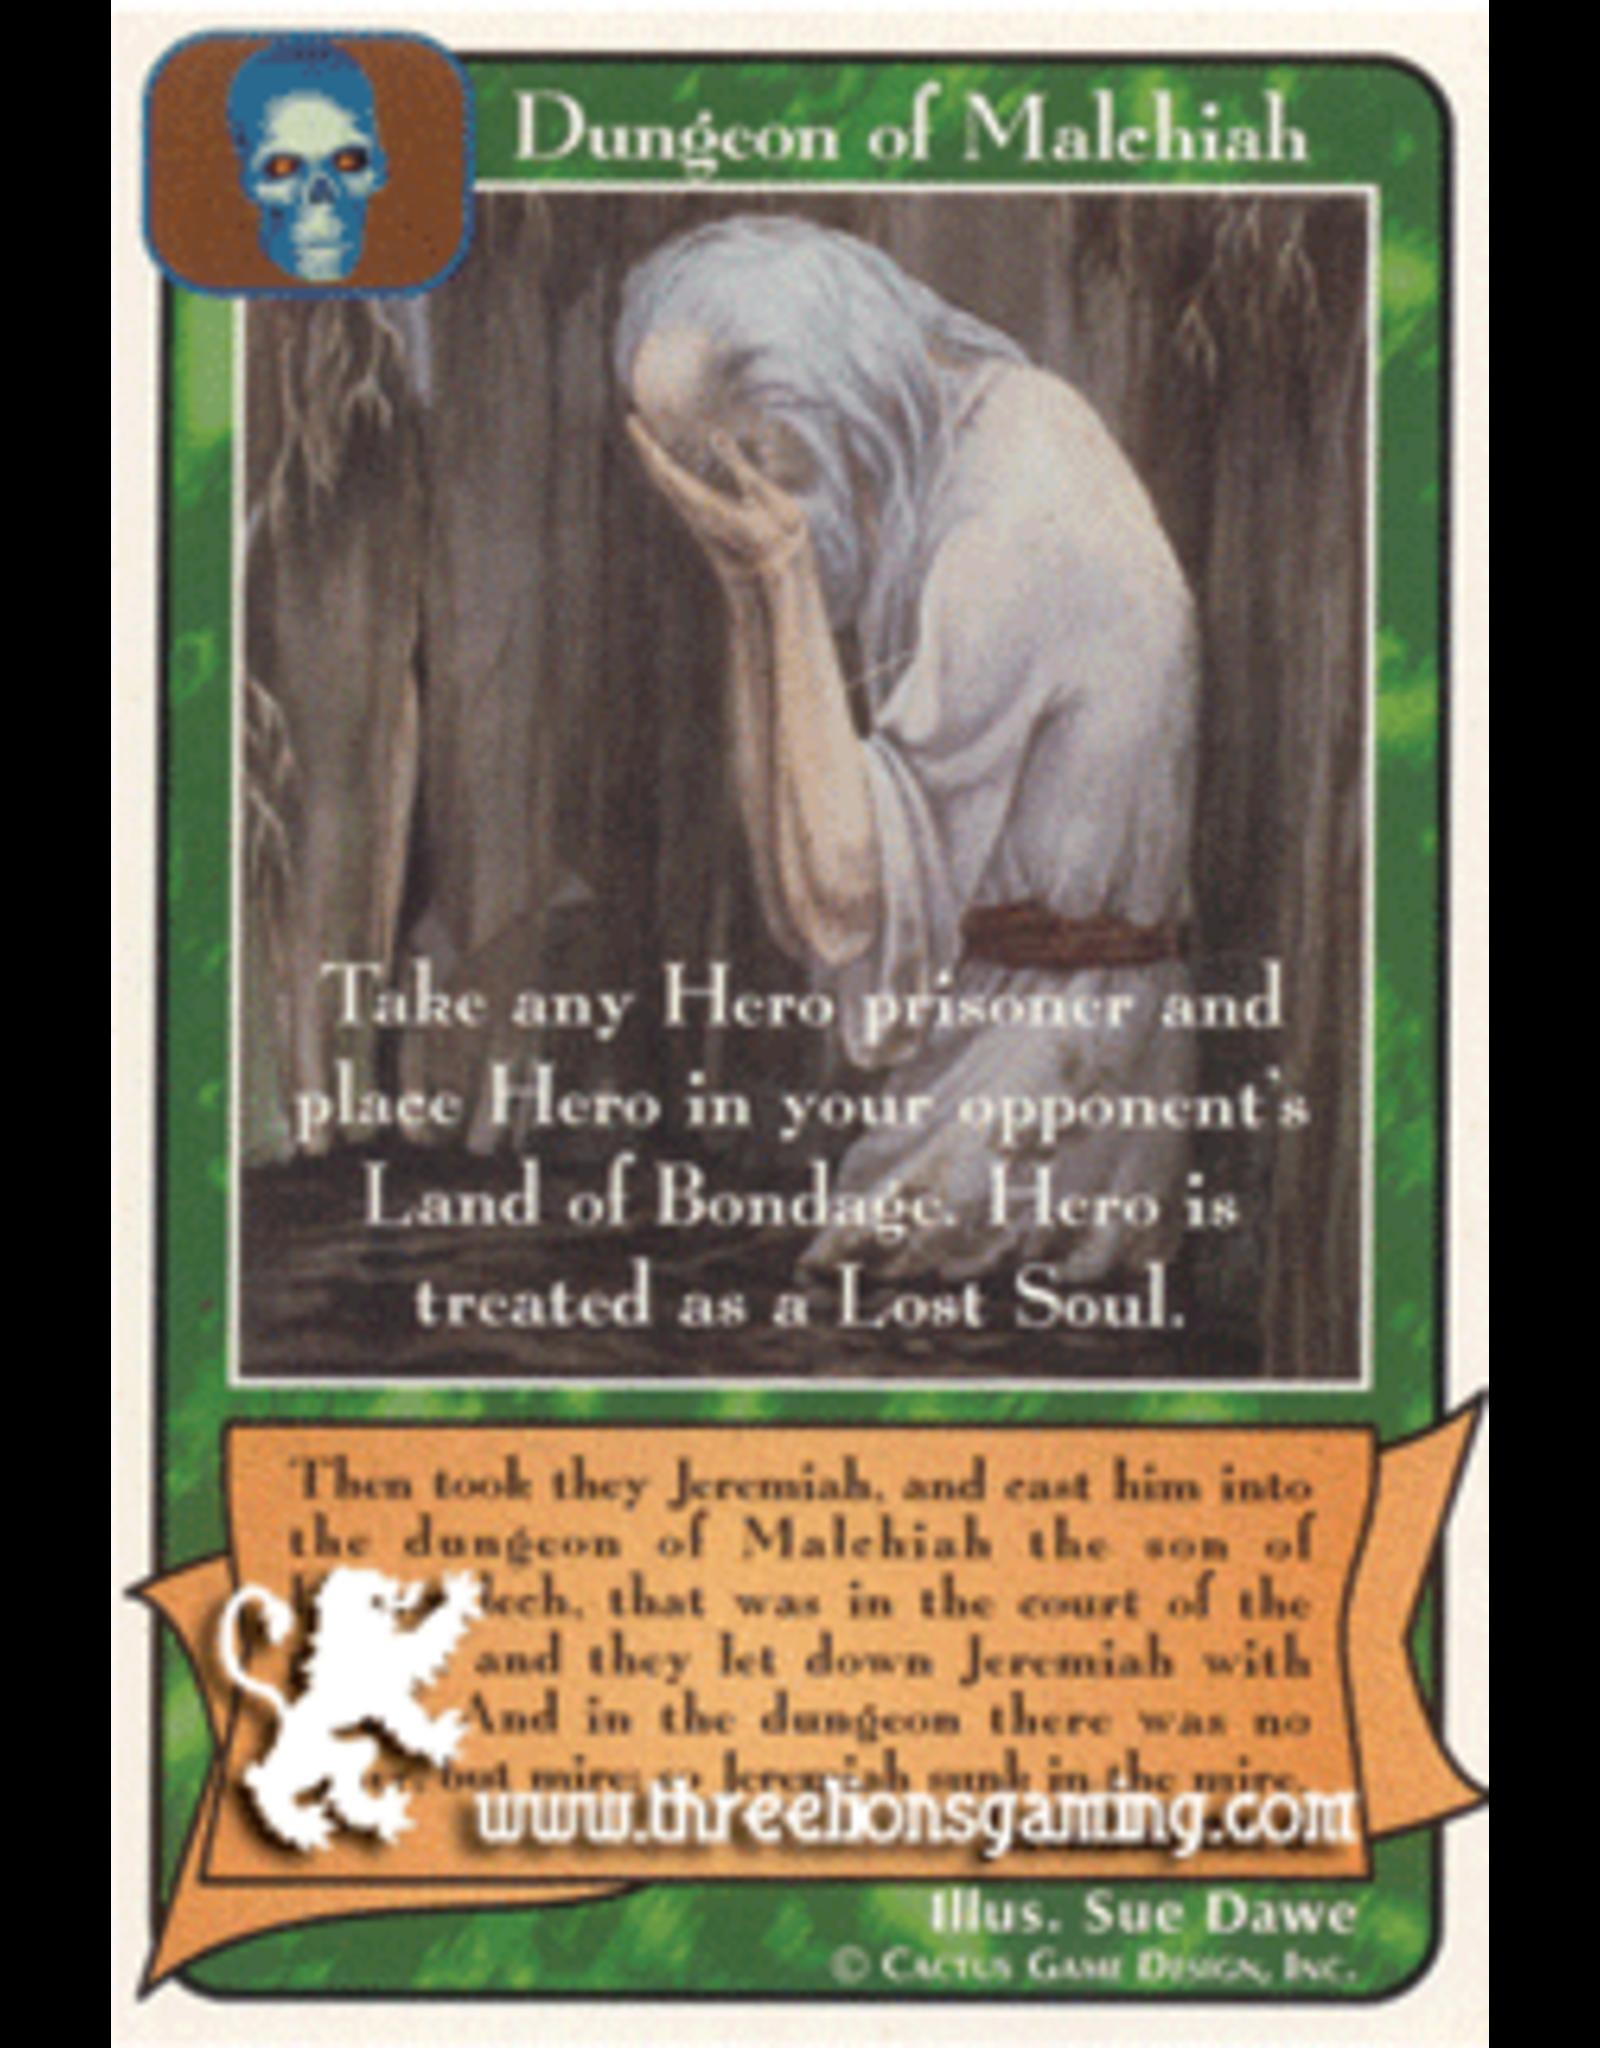 Prophet: Dungeon of Malchiah